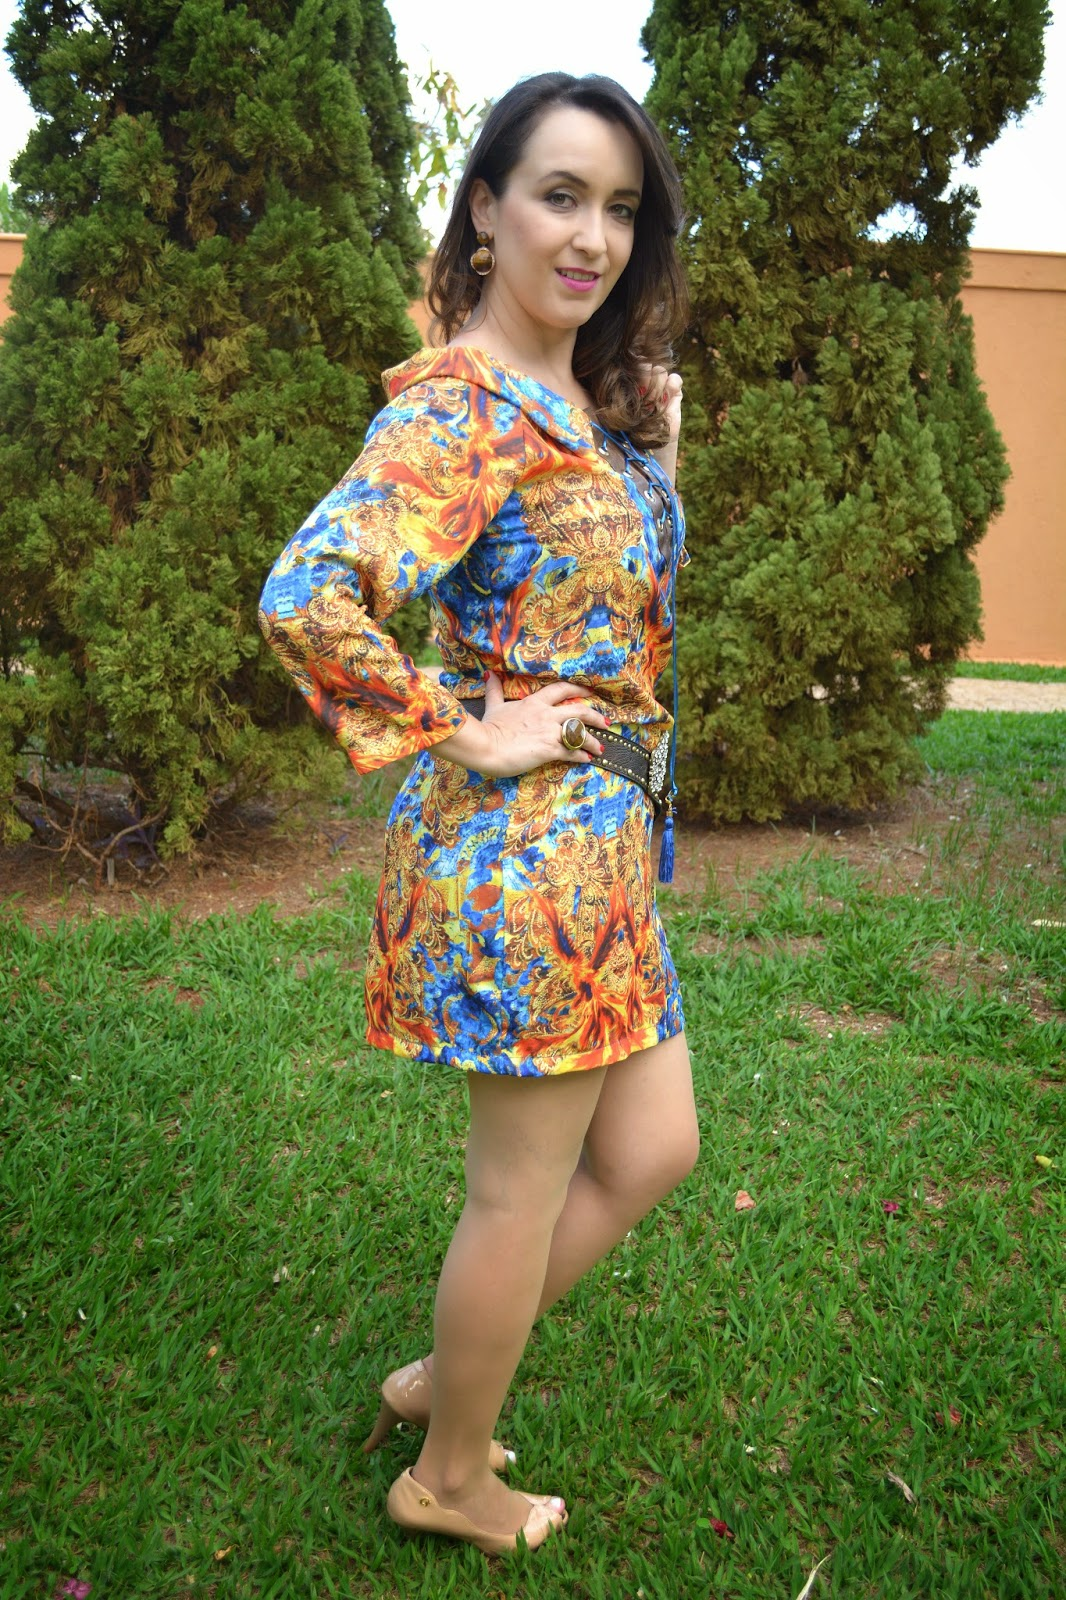 vestido estampado, vestido verão, fashion blogger, blog camila andrade, blog de moda de ribeirão preto, look do dia, dujour, cinto nude, sapato nude